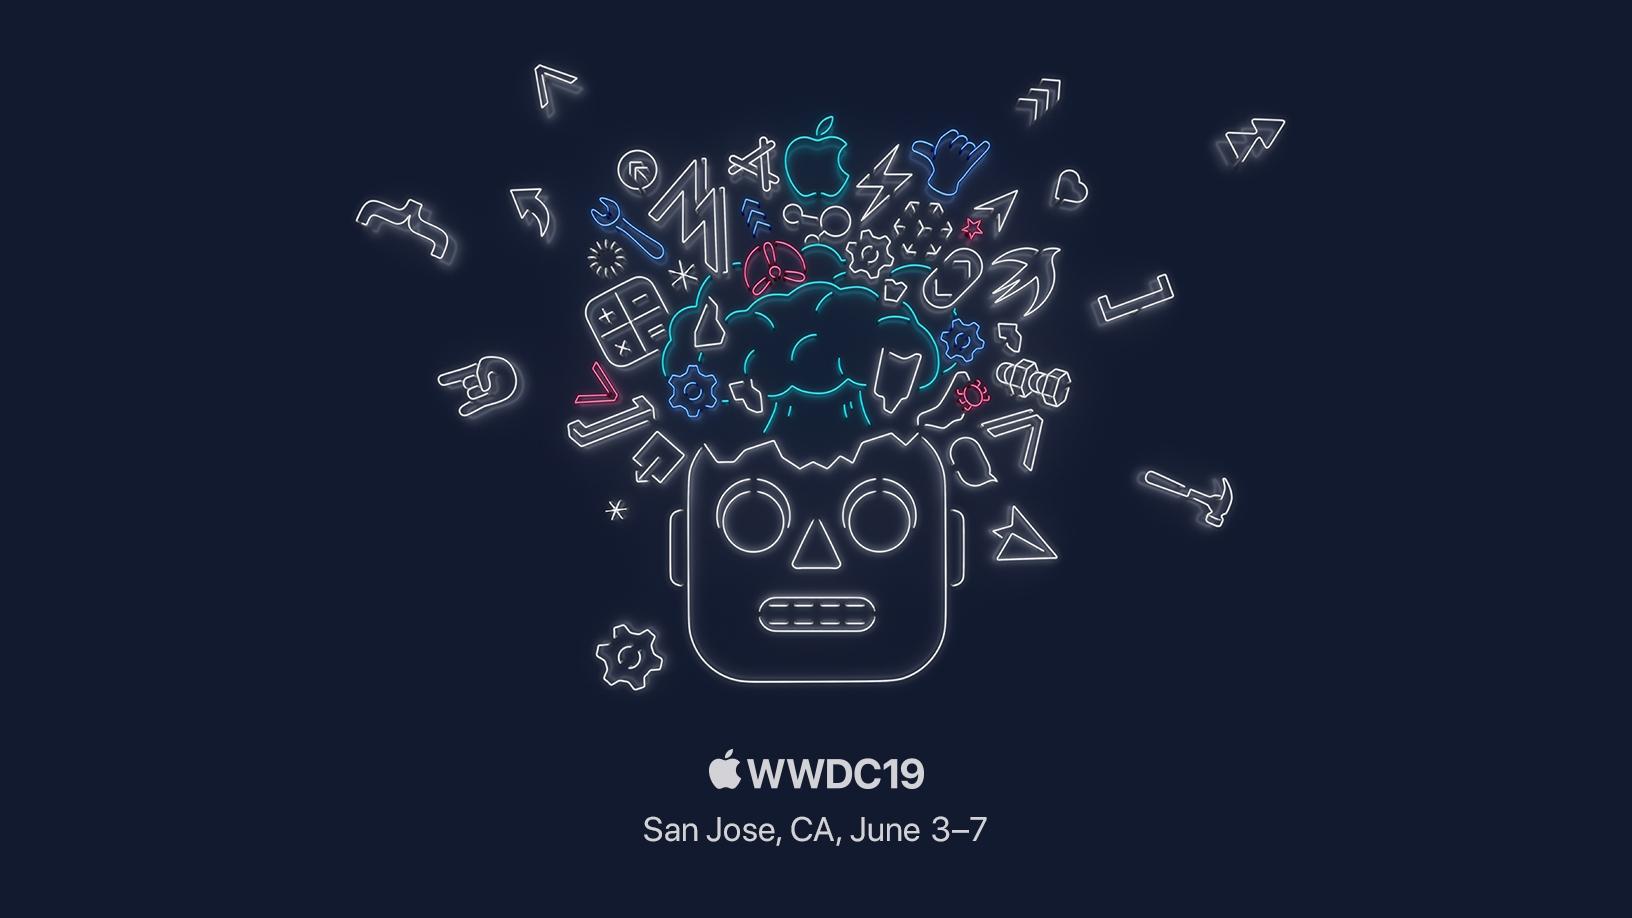 Apple WWDC 2019 03142019 - Týždeň v skratke: nové iPady, rýchlejšie iMacy, AirPods 2 a mnoho ďalšieho